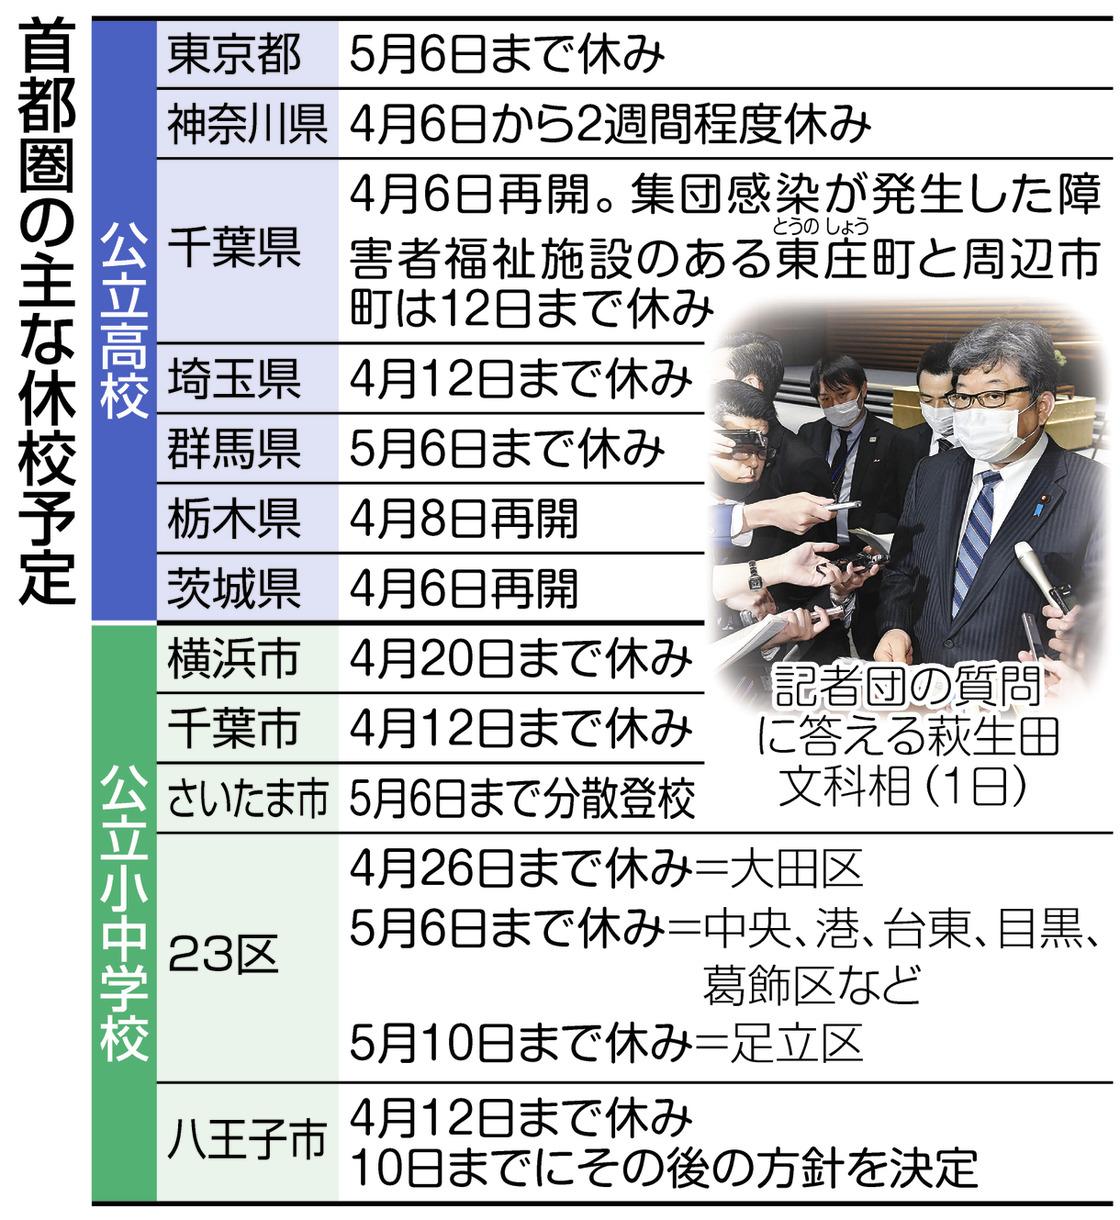 教育 横浜 配信 動画 市 会 委員